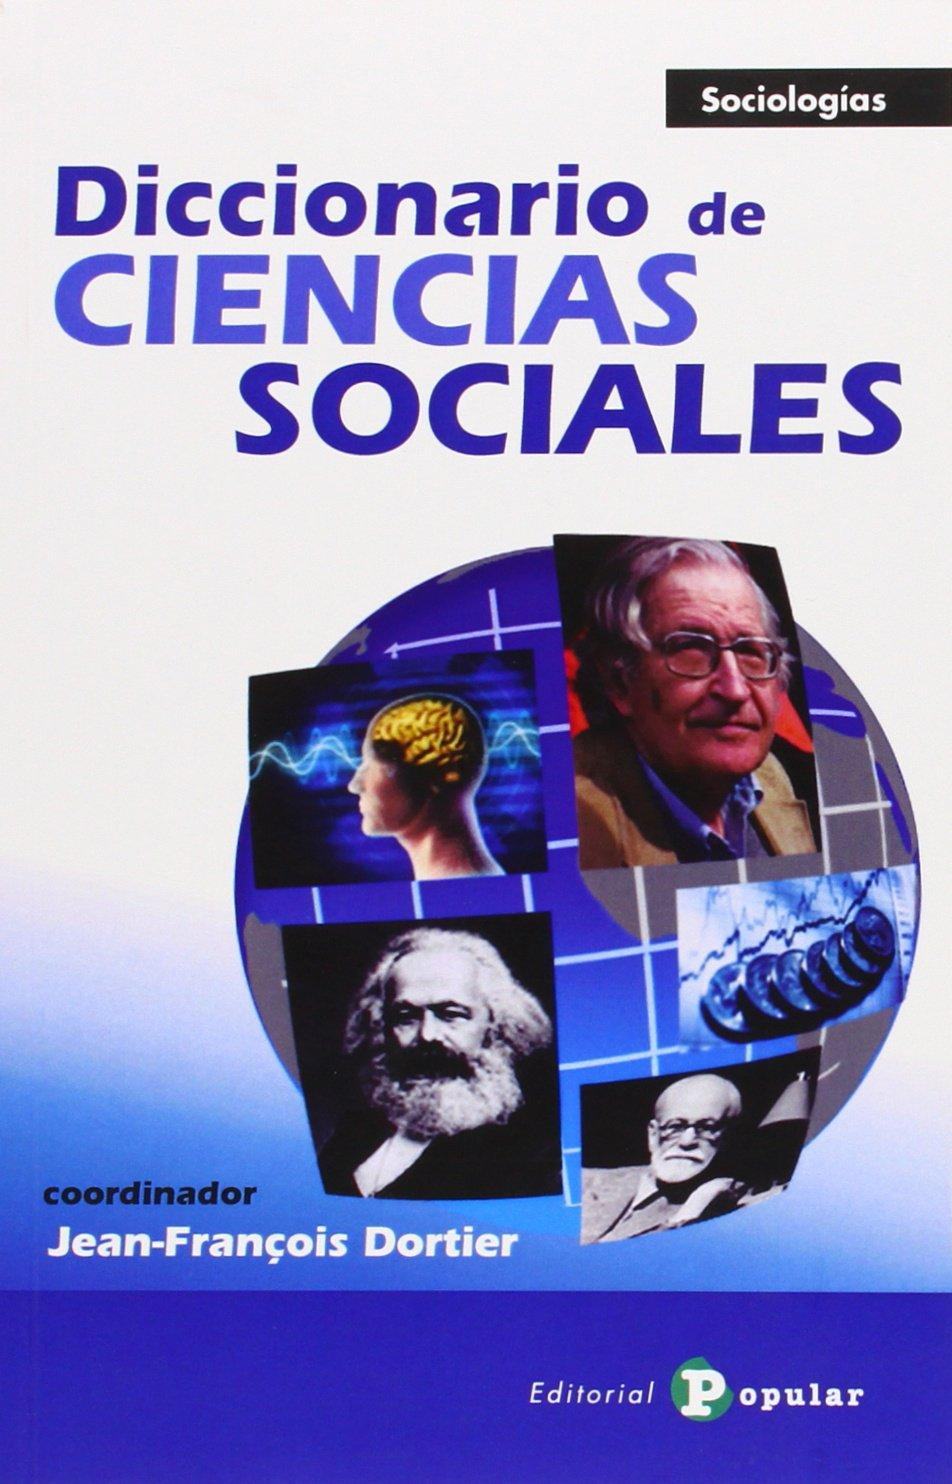 DICCIONARIO DE CIENCIAS SOCIALES